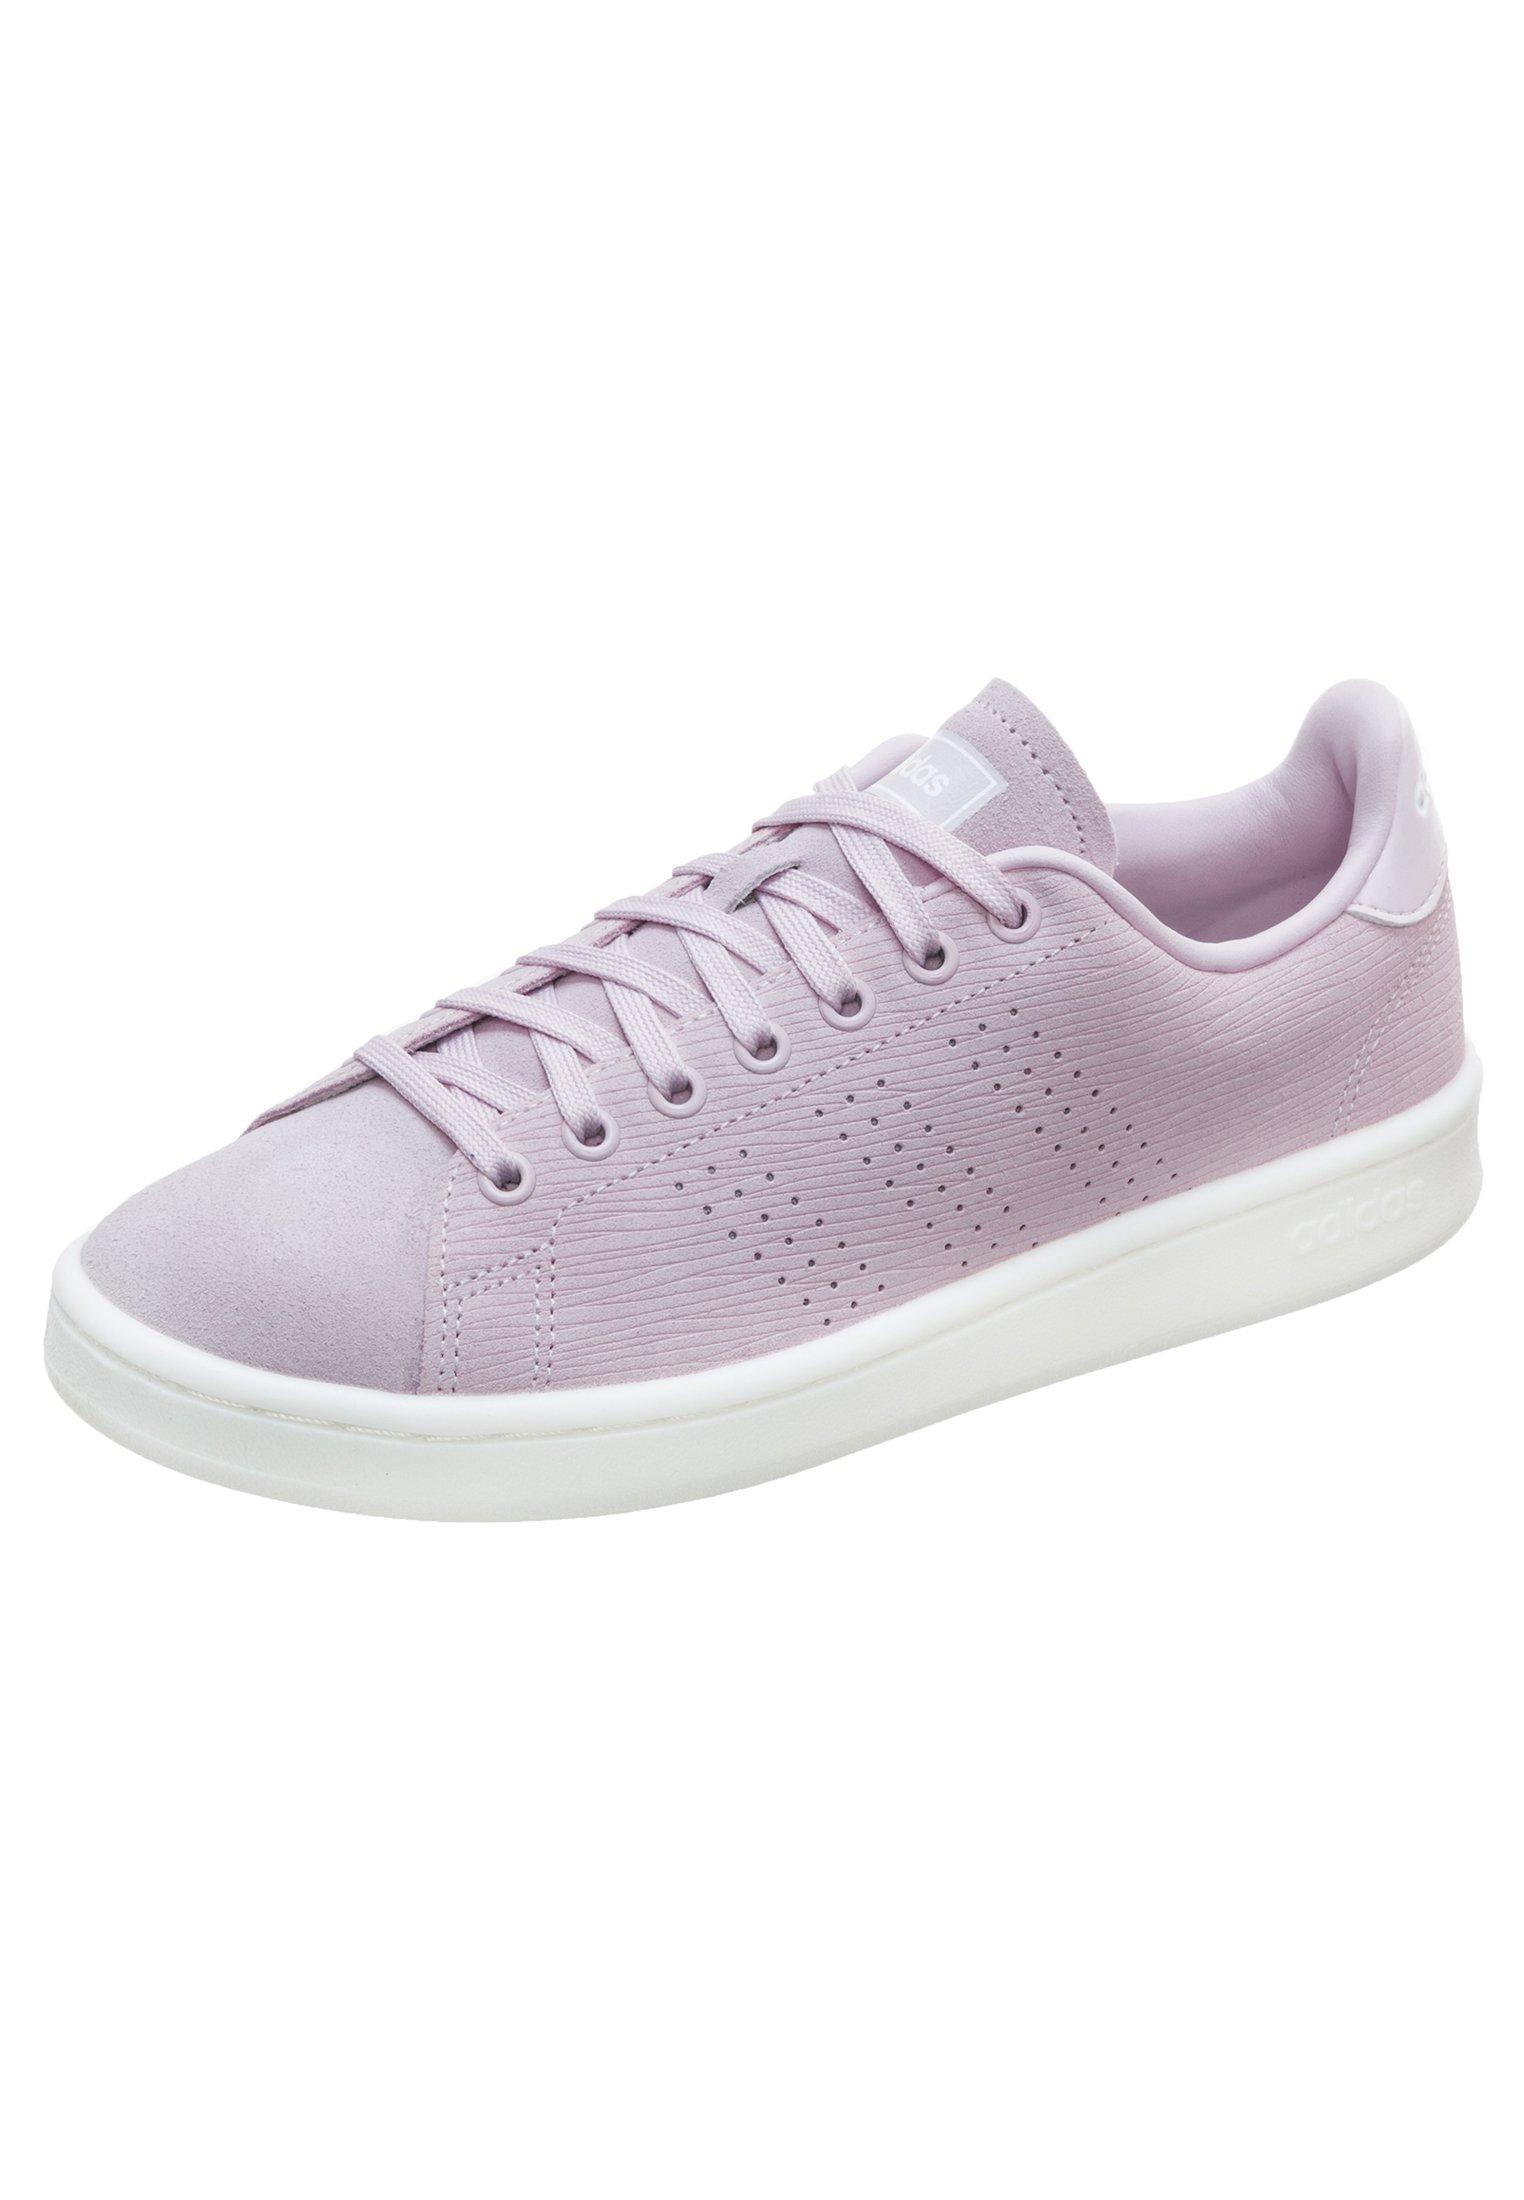 ADVANTAGE Sneaker low aero pink